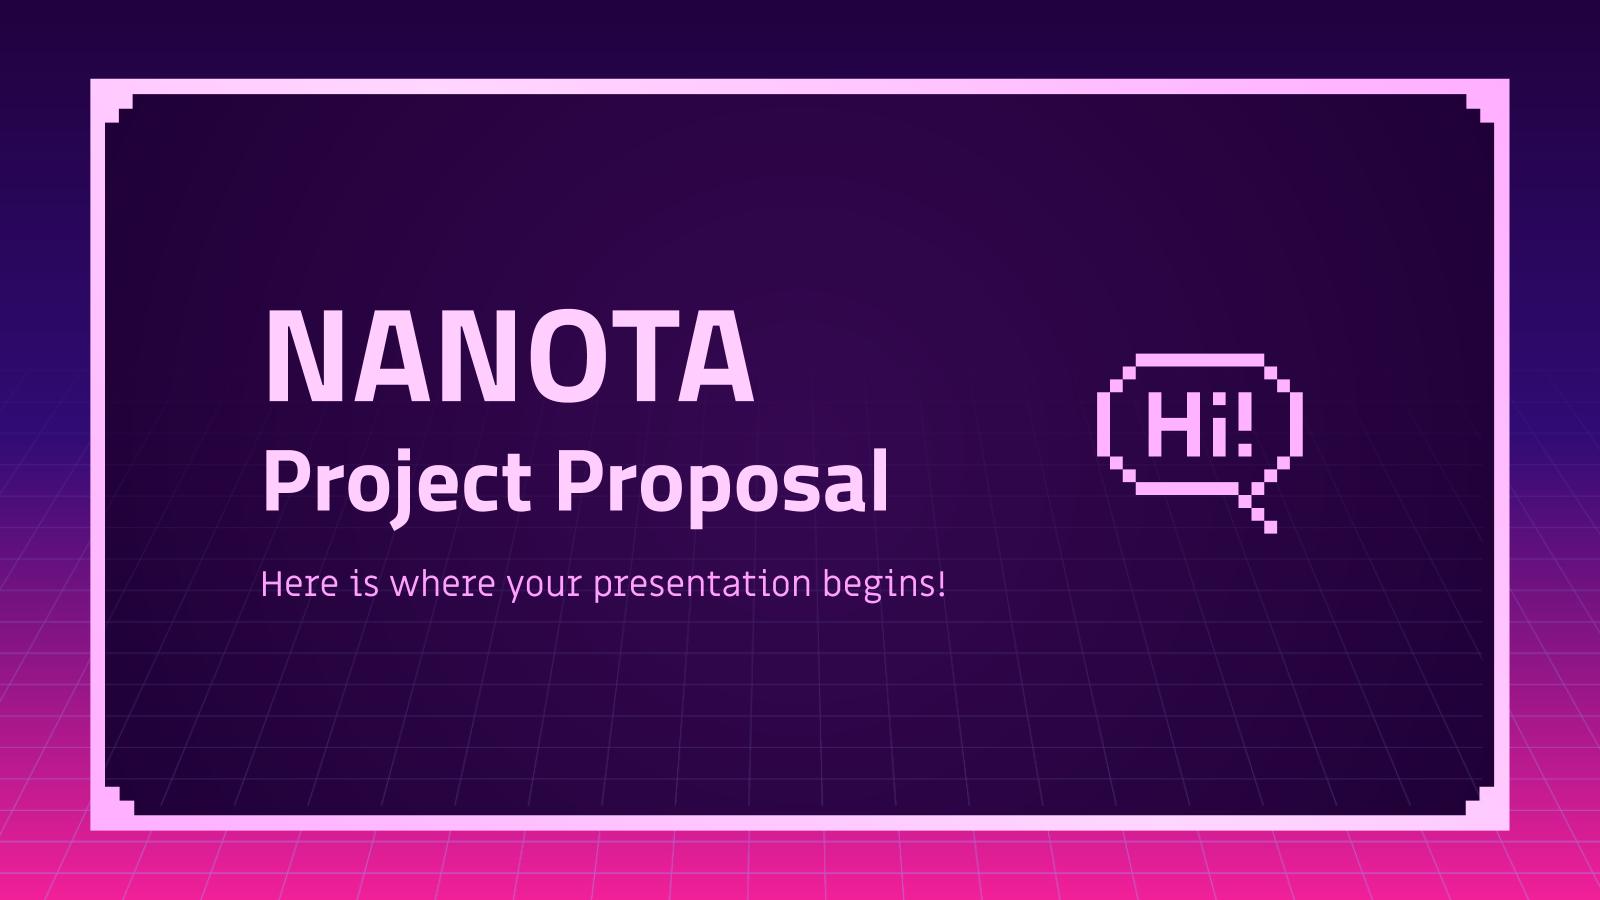 Plantilla de presentación Propuesta de proyecto Nanota